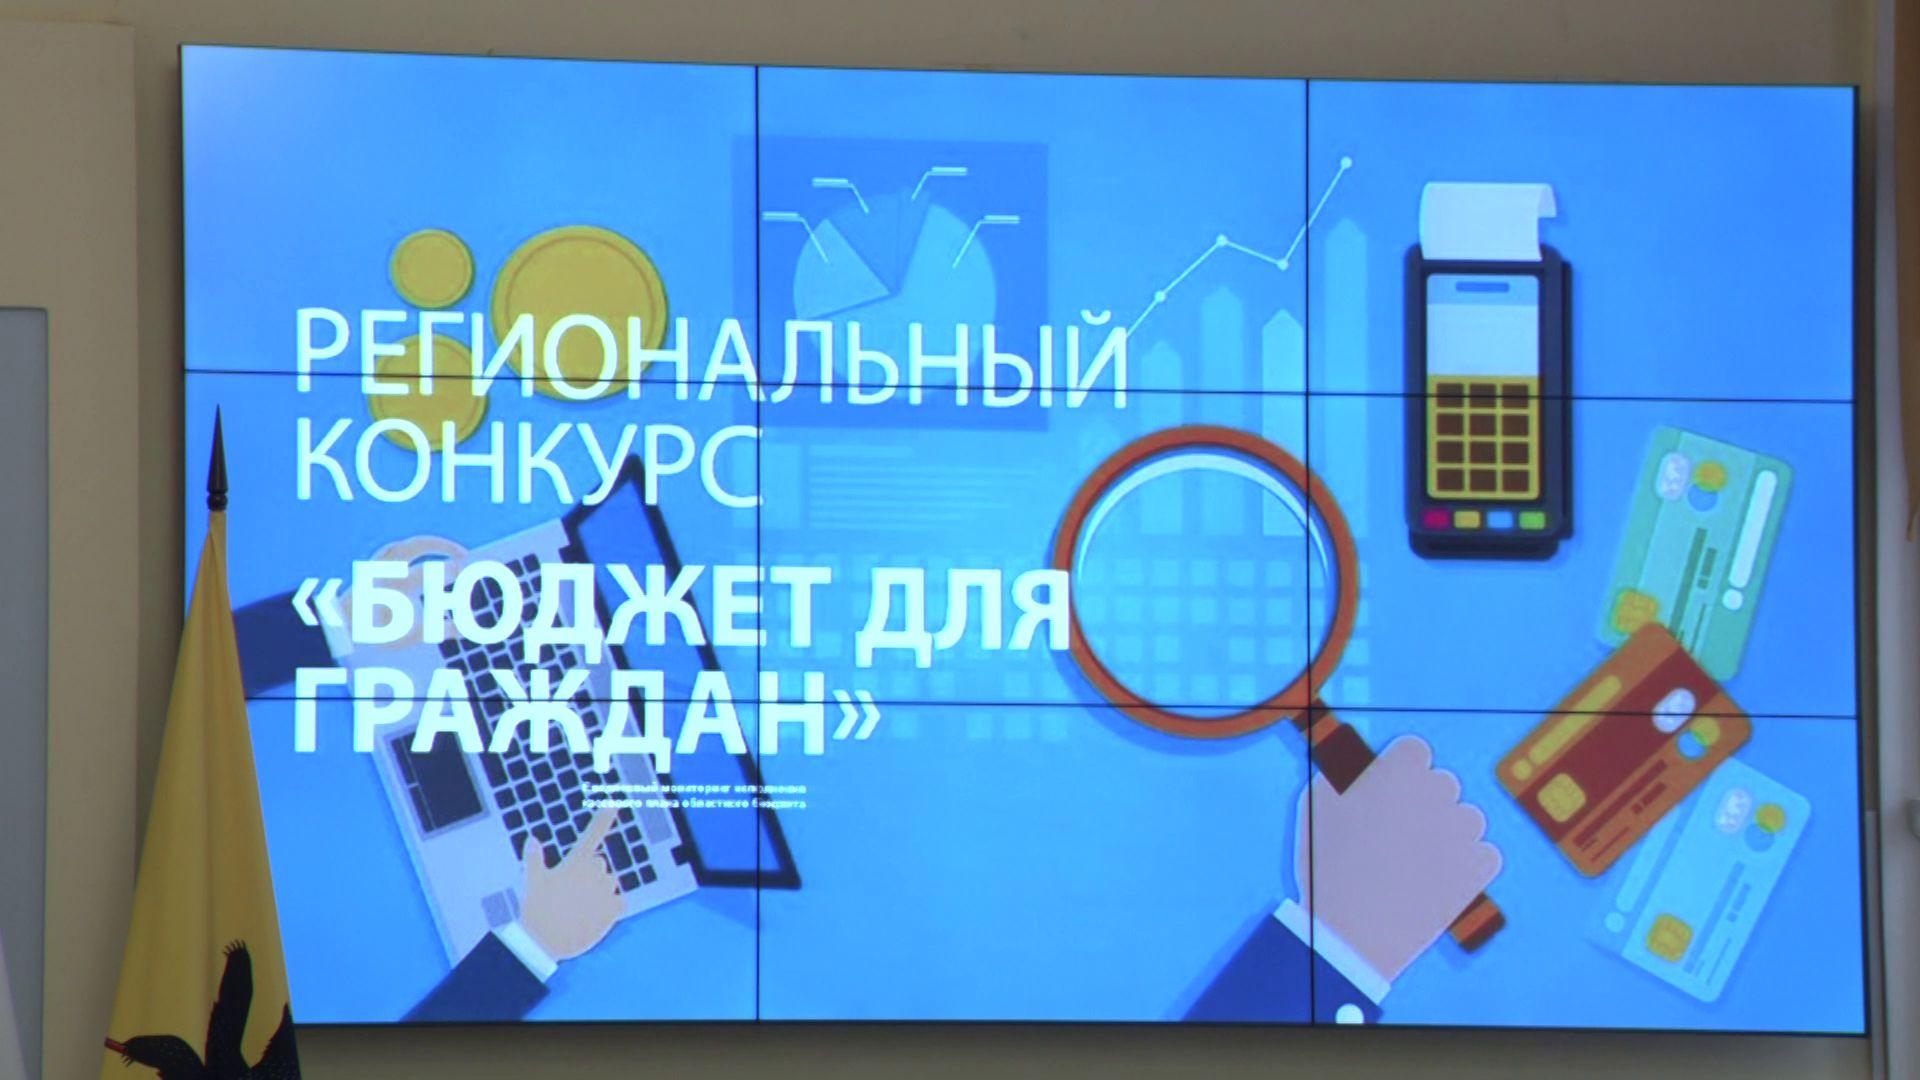 В Ярославле наградили победителей регионального конкурса «Бюджет для граждан»